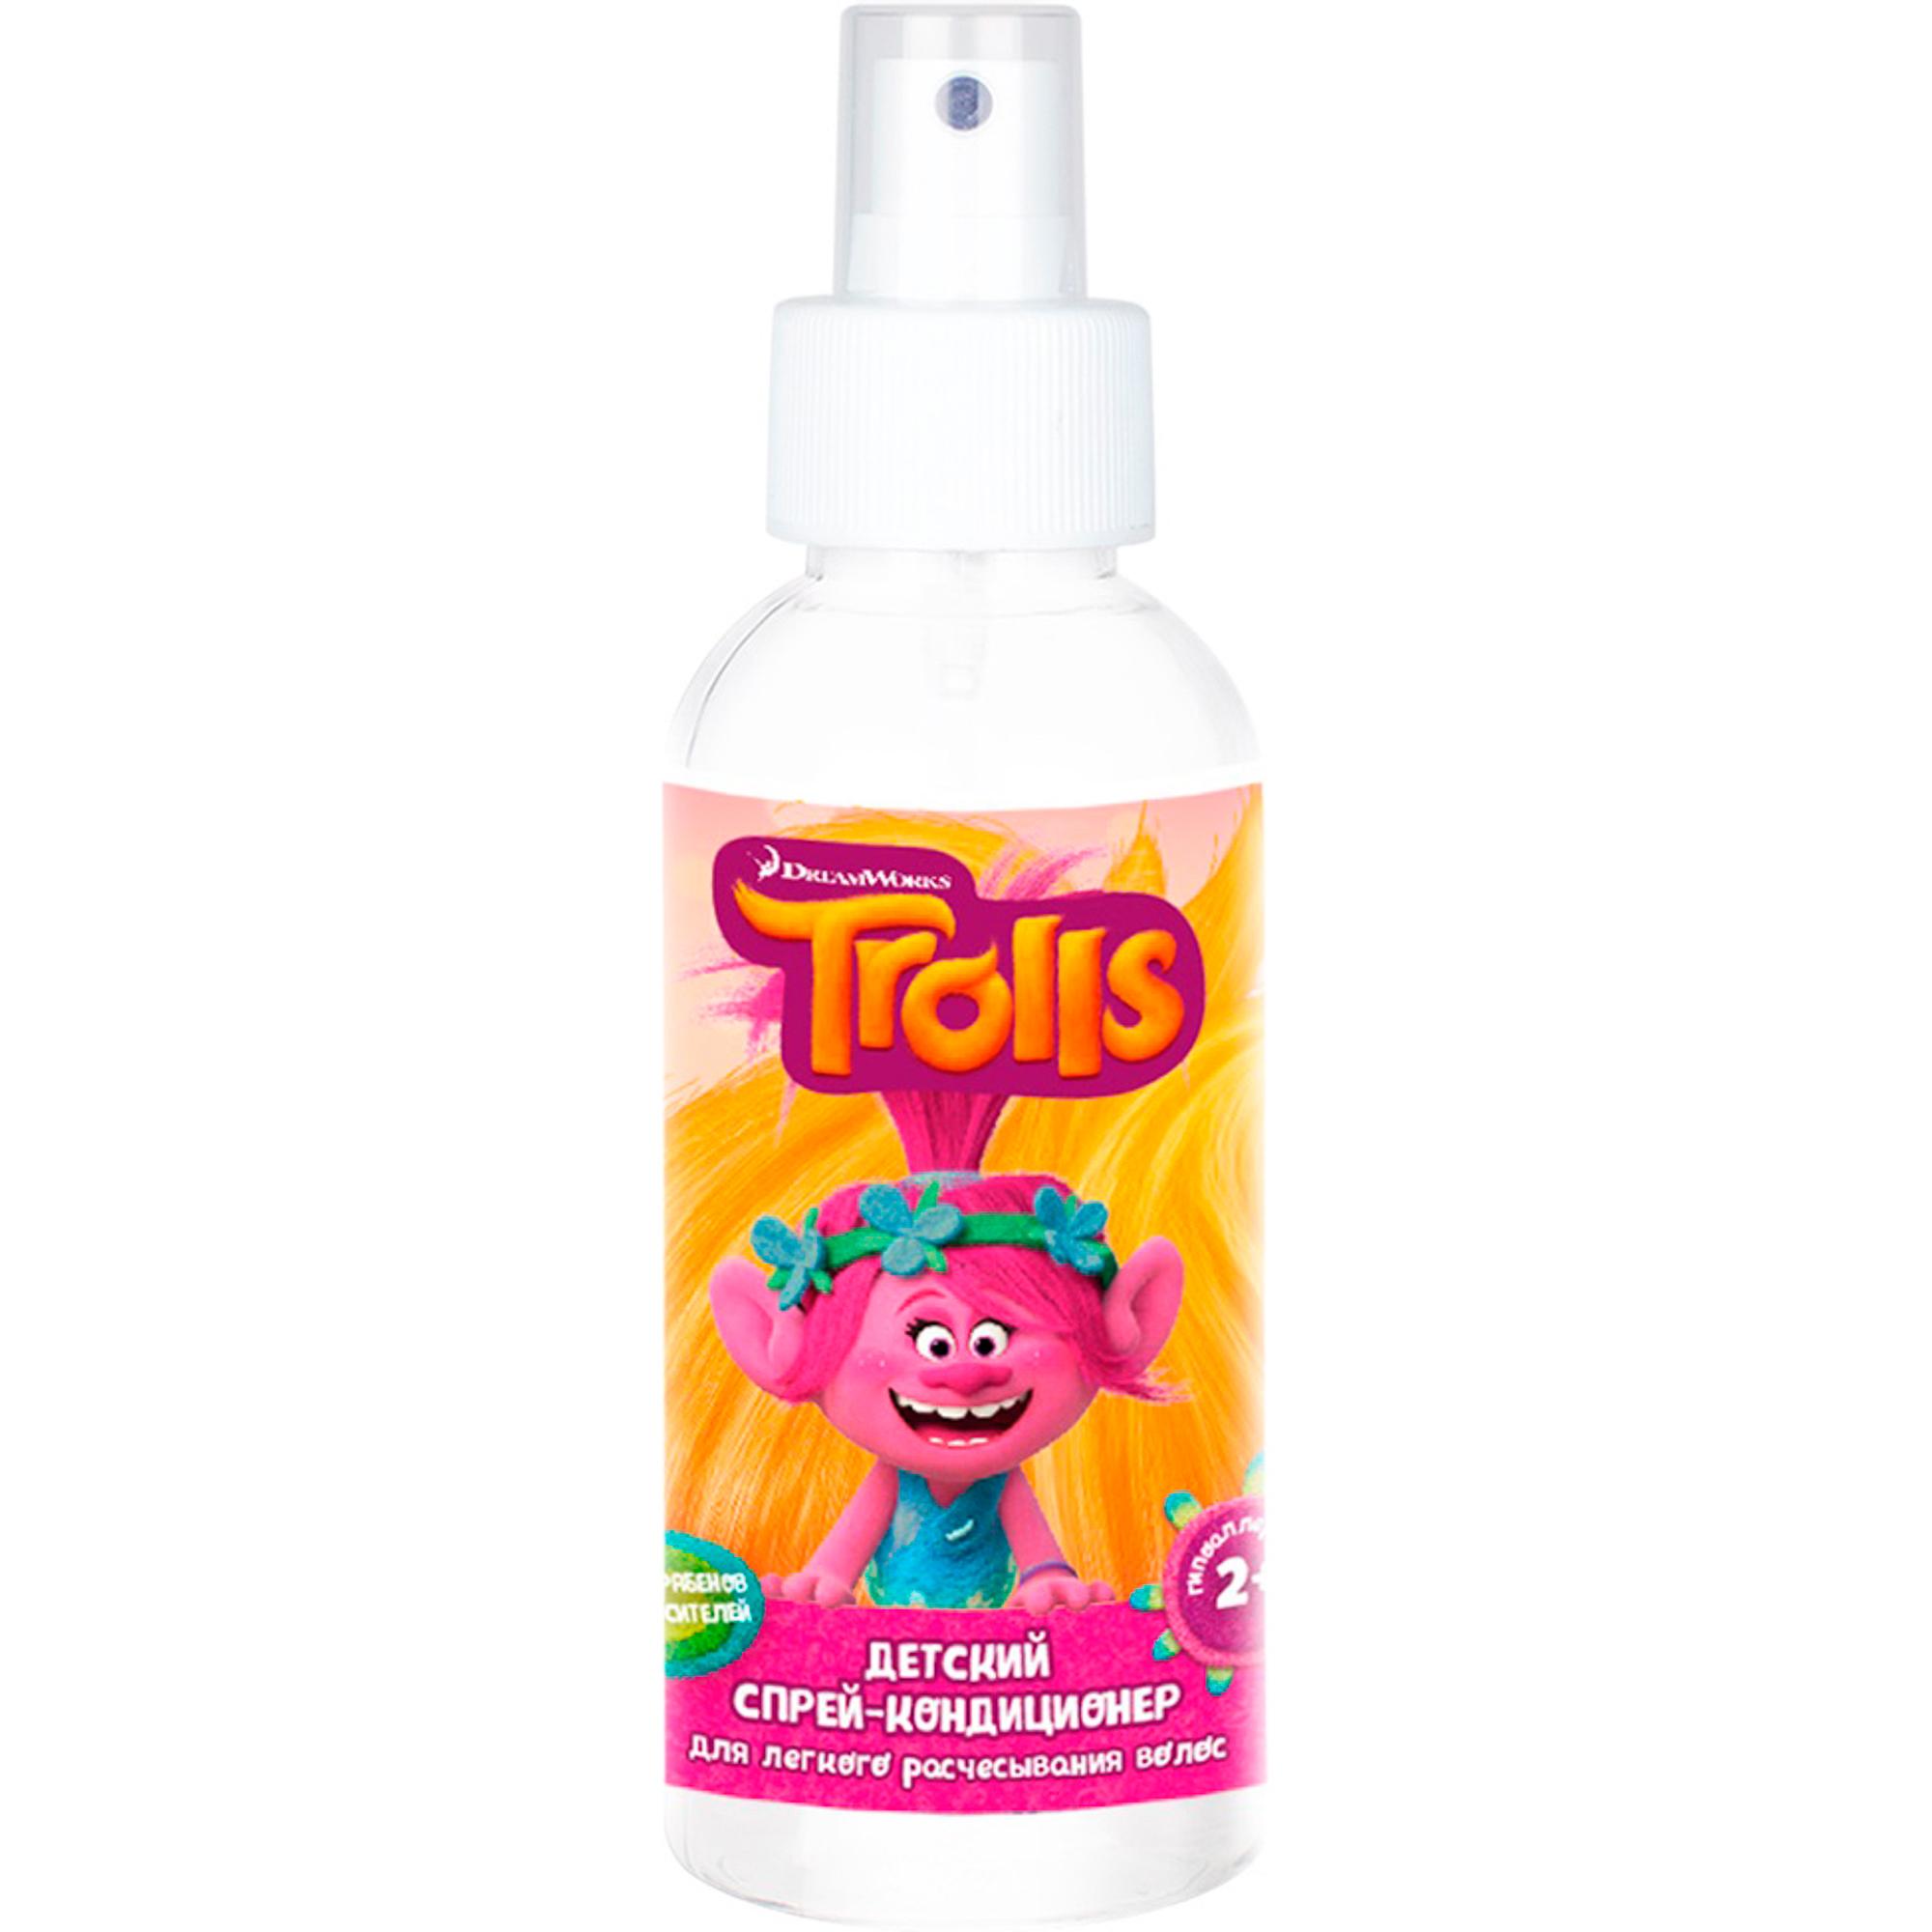 Купить Детский спрей-кондиционер Trolls Для легкого расчесывания волос 150 мл, Россия, для девочек, Средства по уходу за телом и за кожей лица для детей